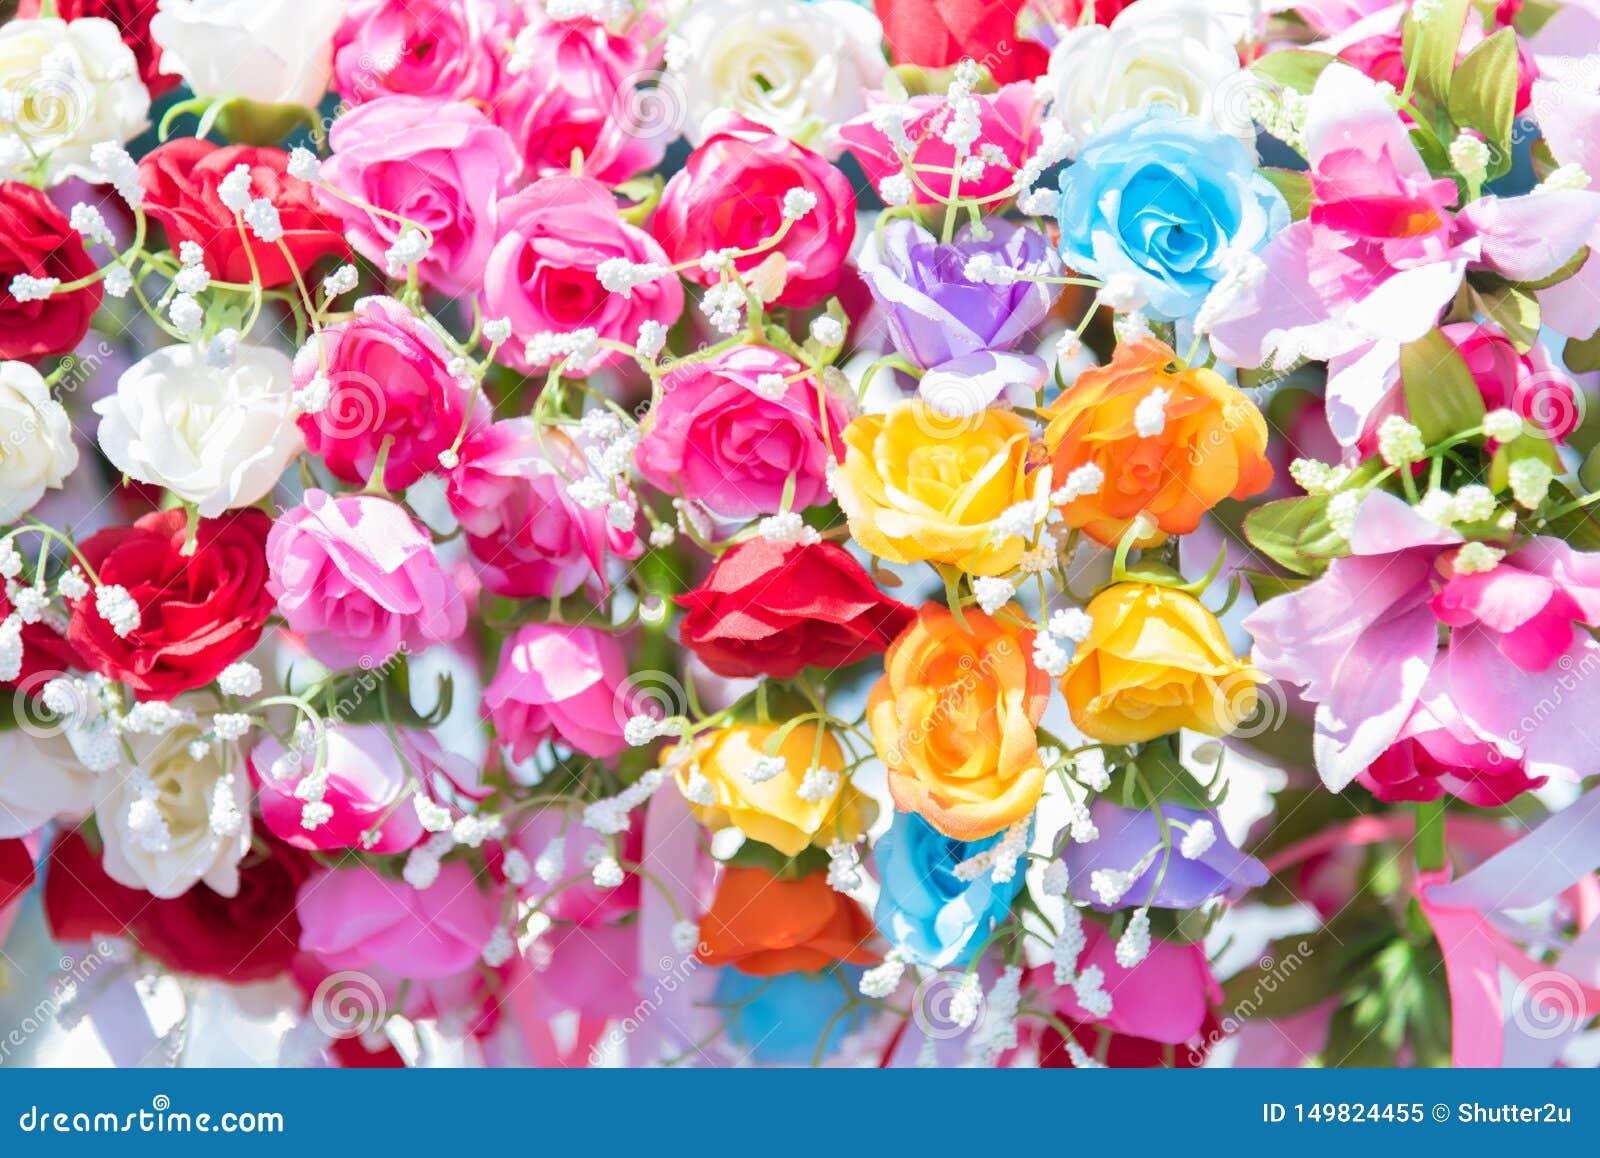 Mooie bos van bloemen Kleurrijke bloemen voor huwelijk en gelukwensgebeurtenissen Bloemen van groet en gediplomeerd concept